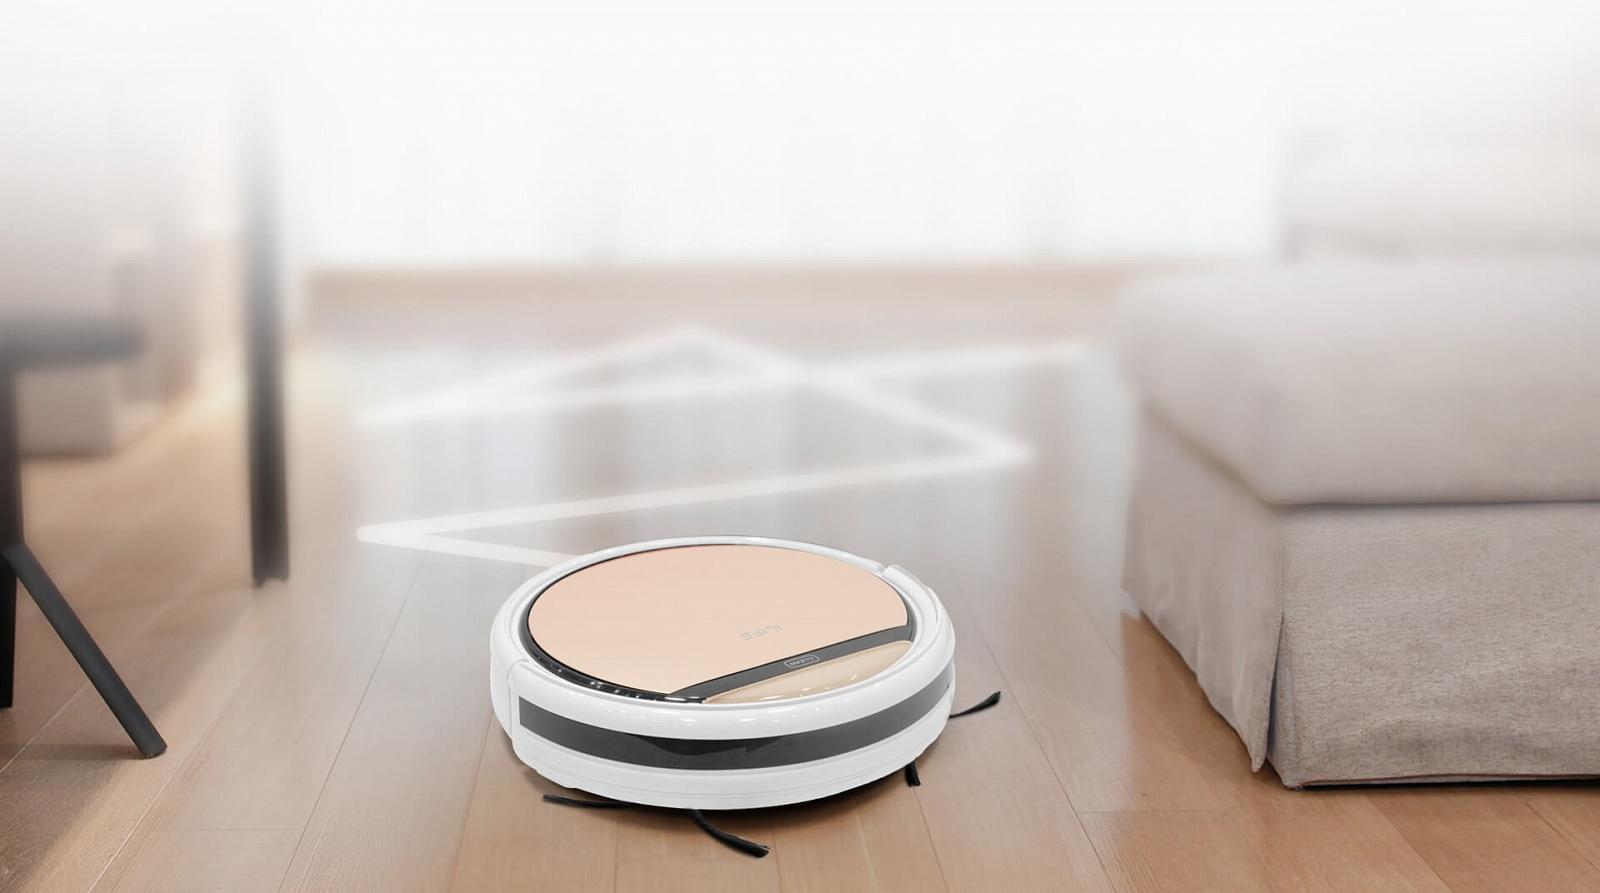 робот пылесос iLife v5s pro